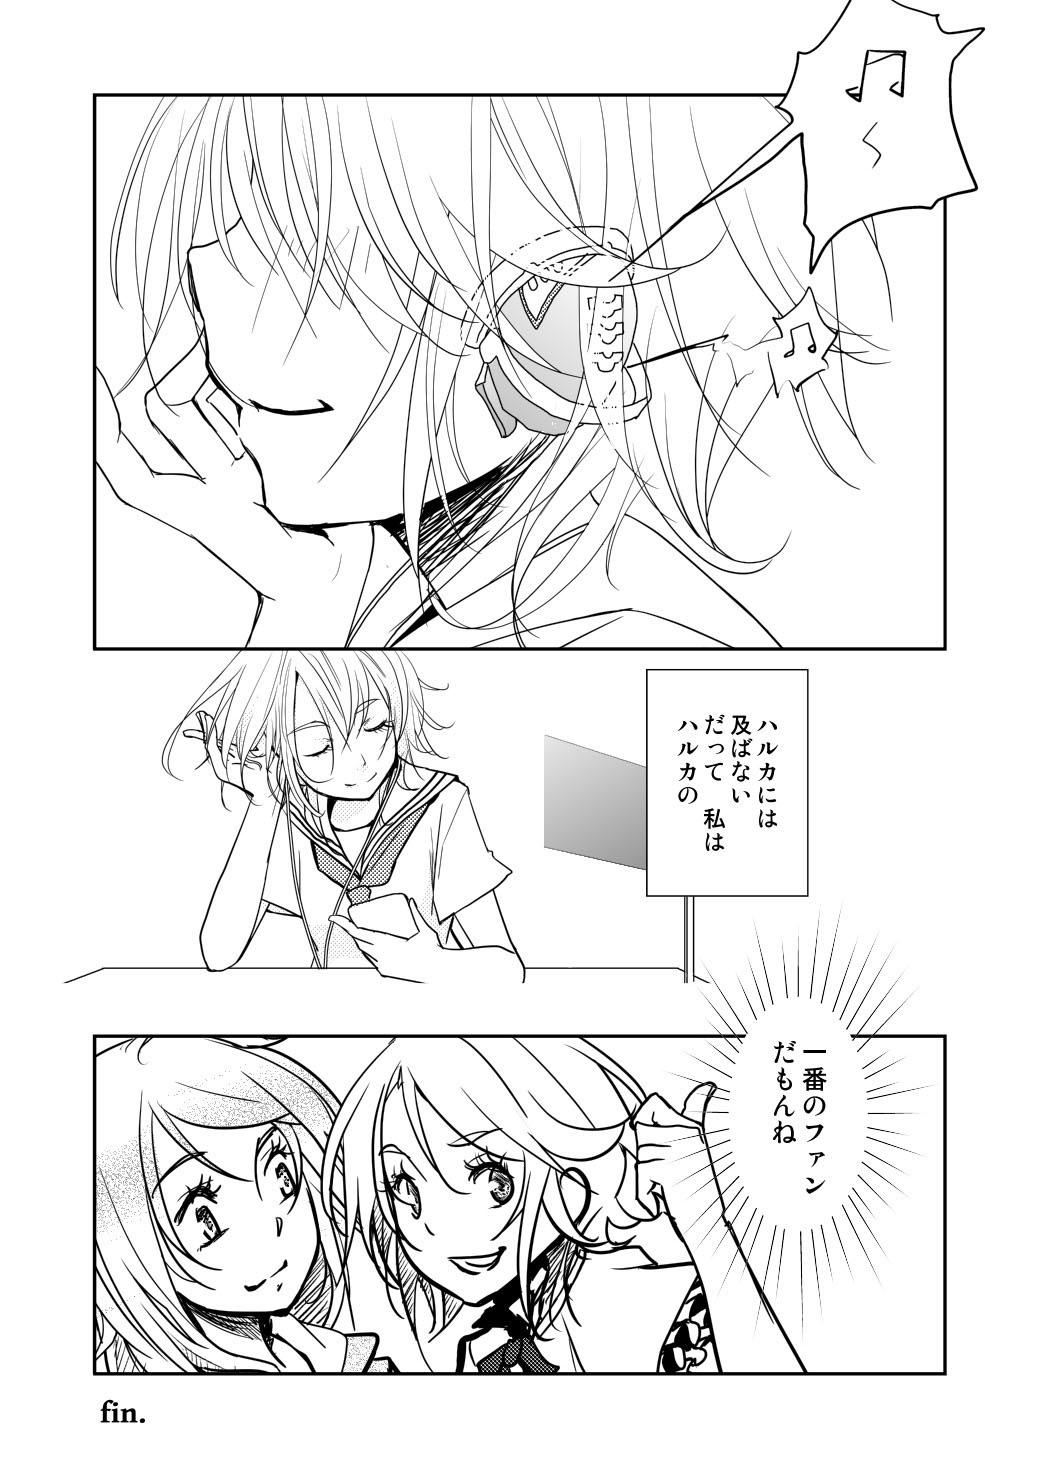 Yakusoku no Sora to Kimigaita Basho 1 ~ 2 37